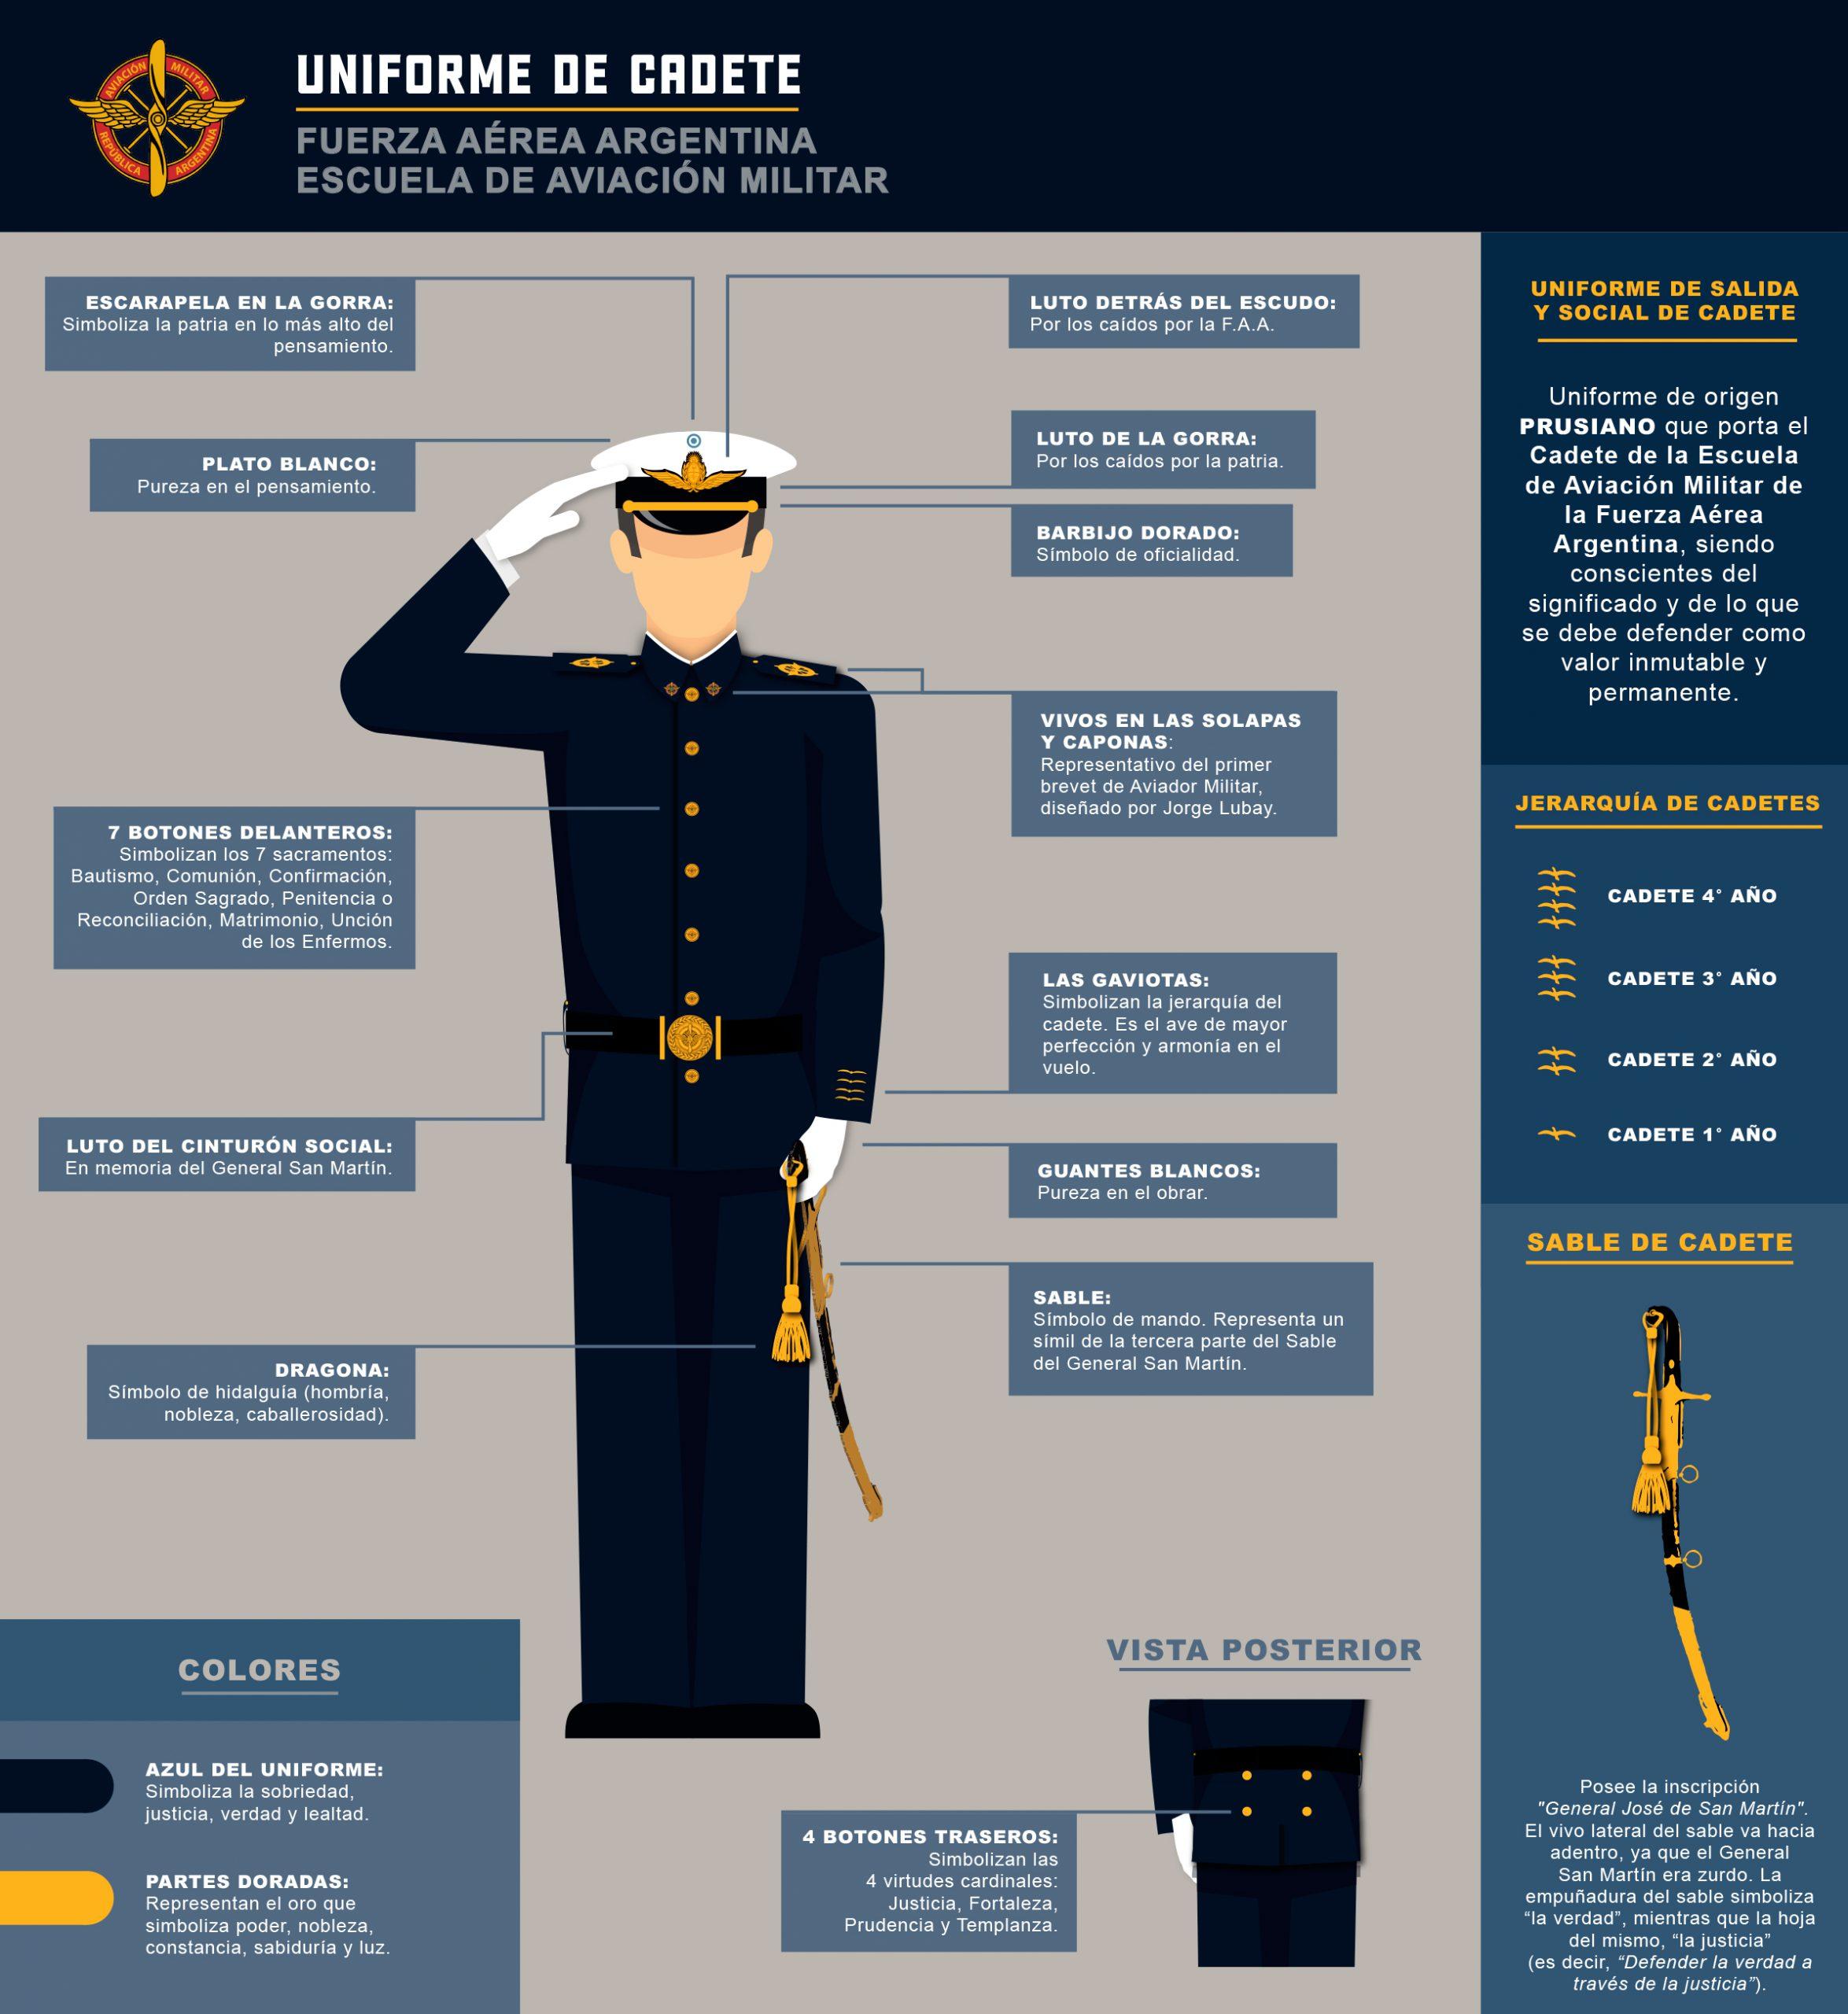 uniforme del cadete